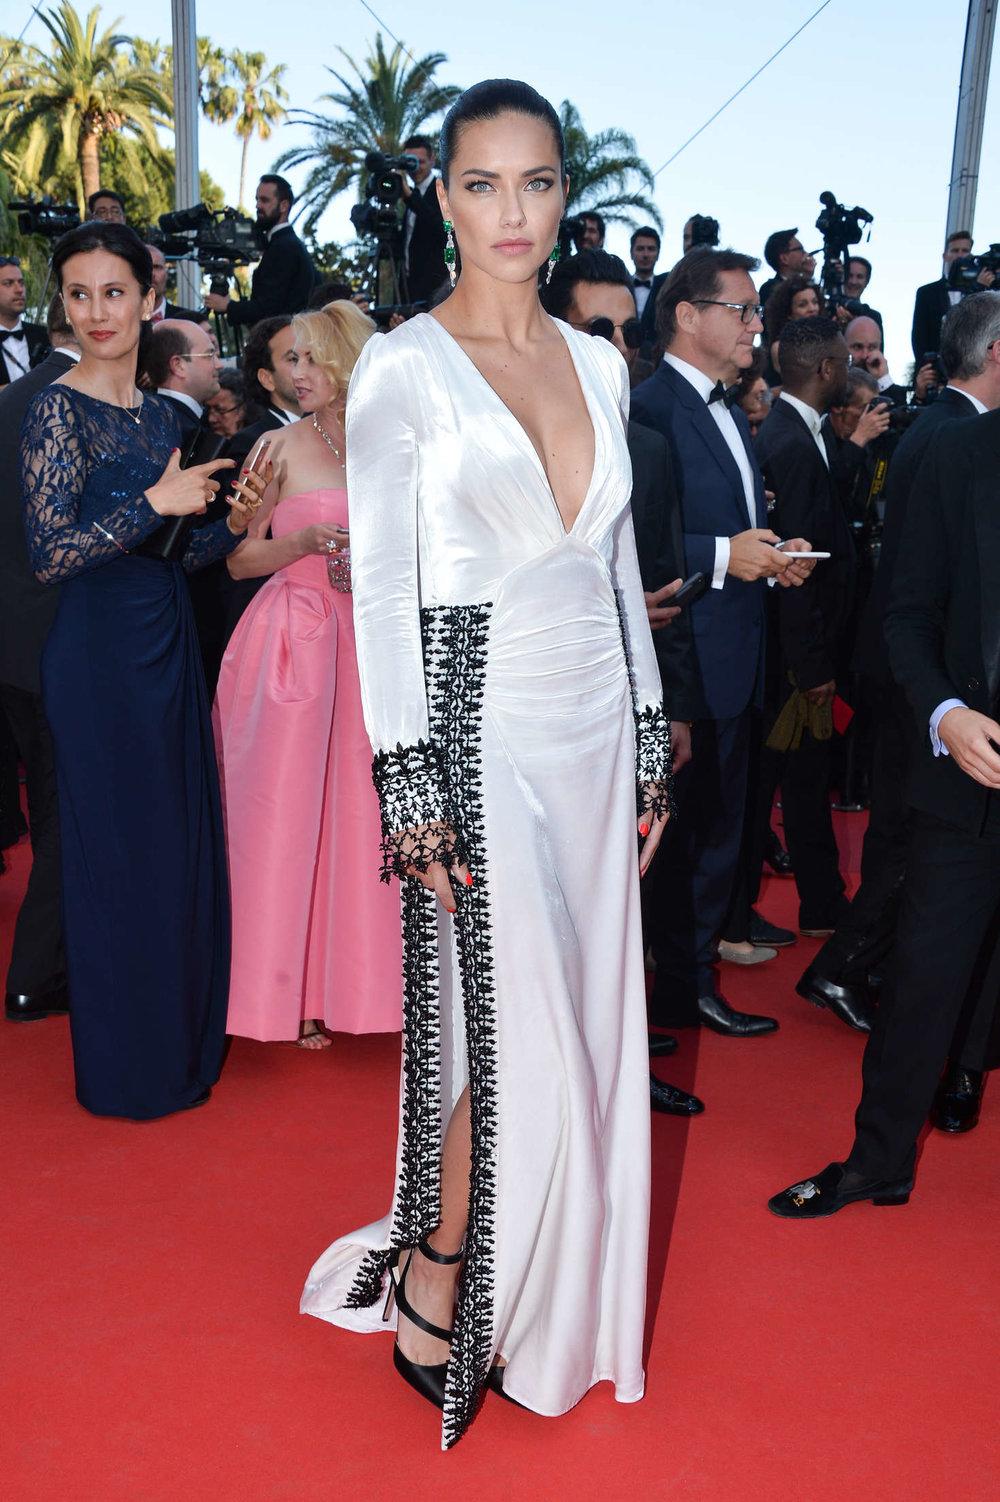 Adriana Lima film premier, Cannes 2016